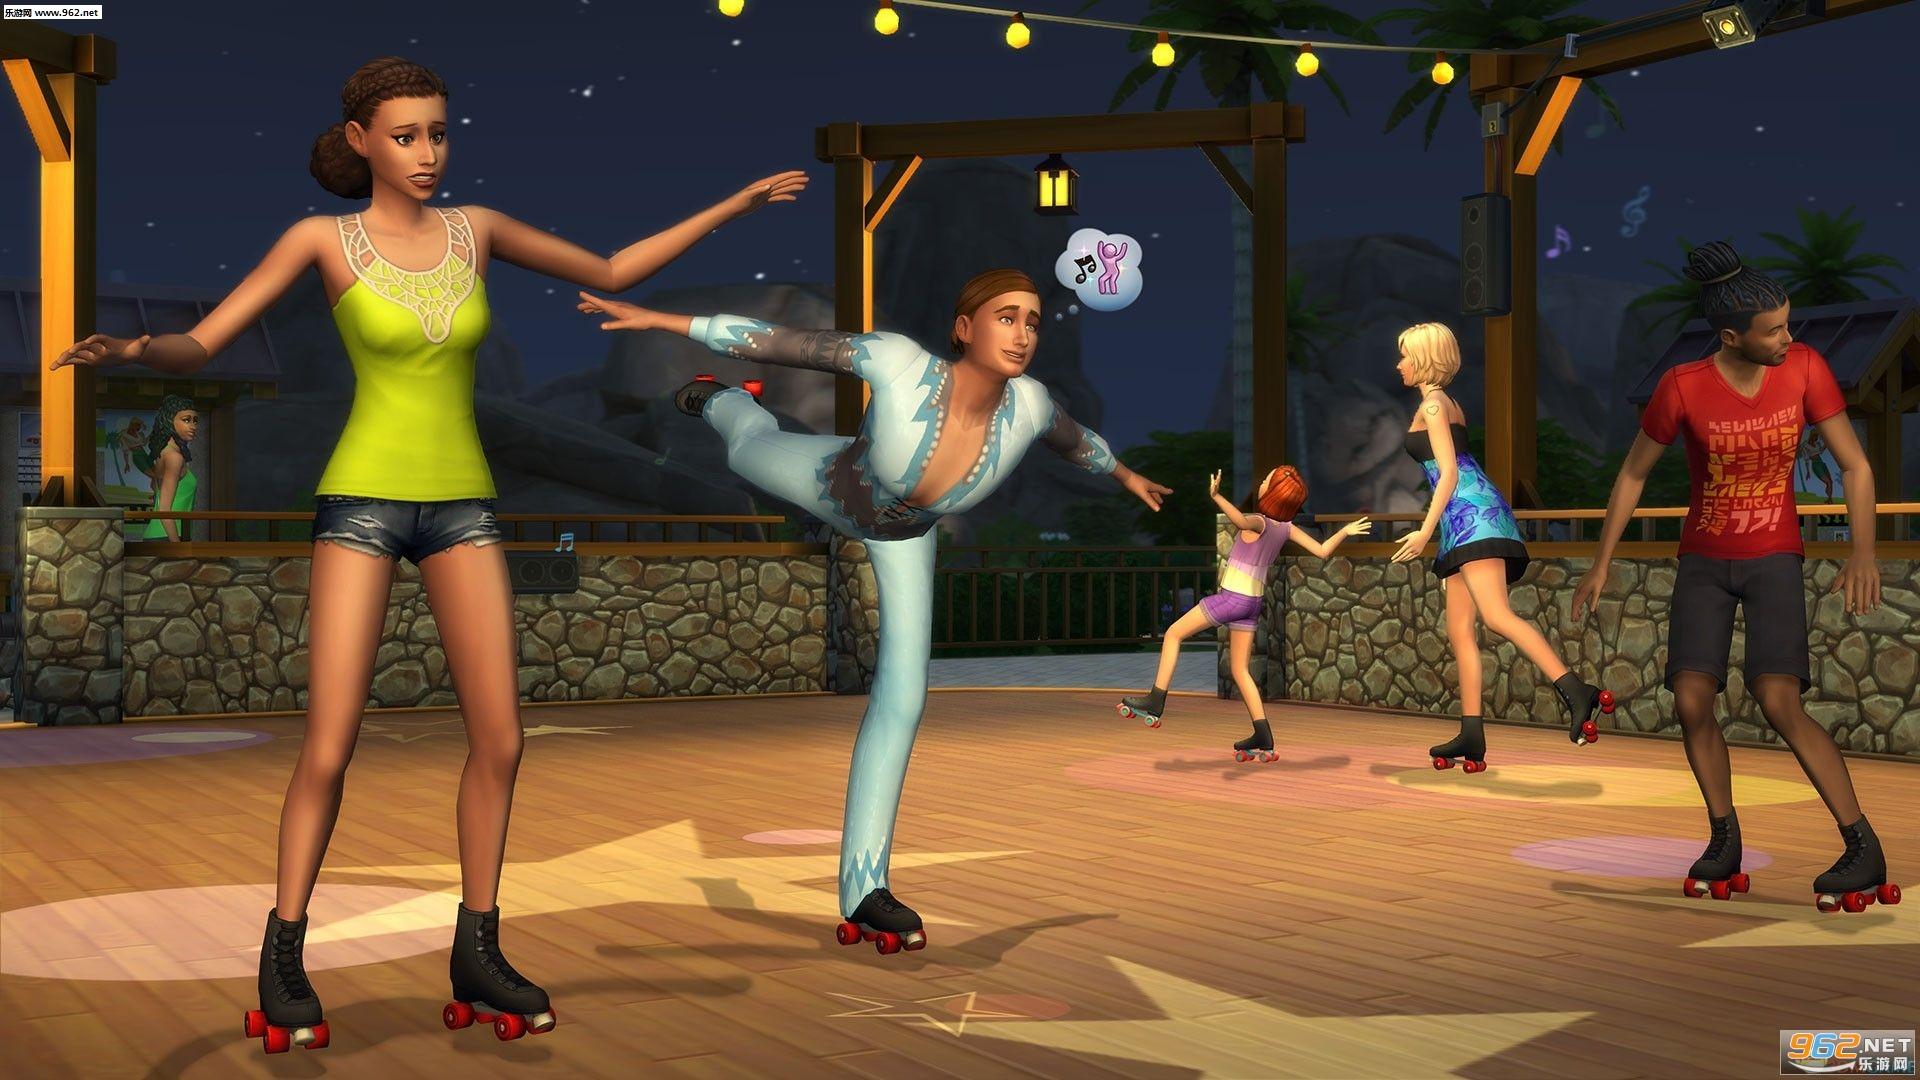 模拟人生4:春夏秋冬(The Sims 4: Seasons)DLC合集版截图1